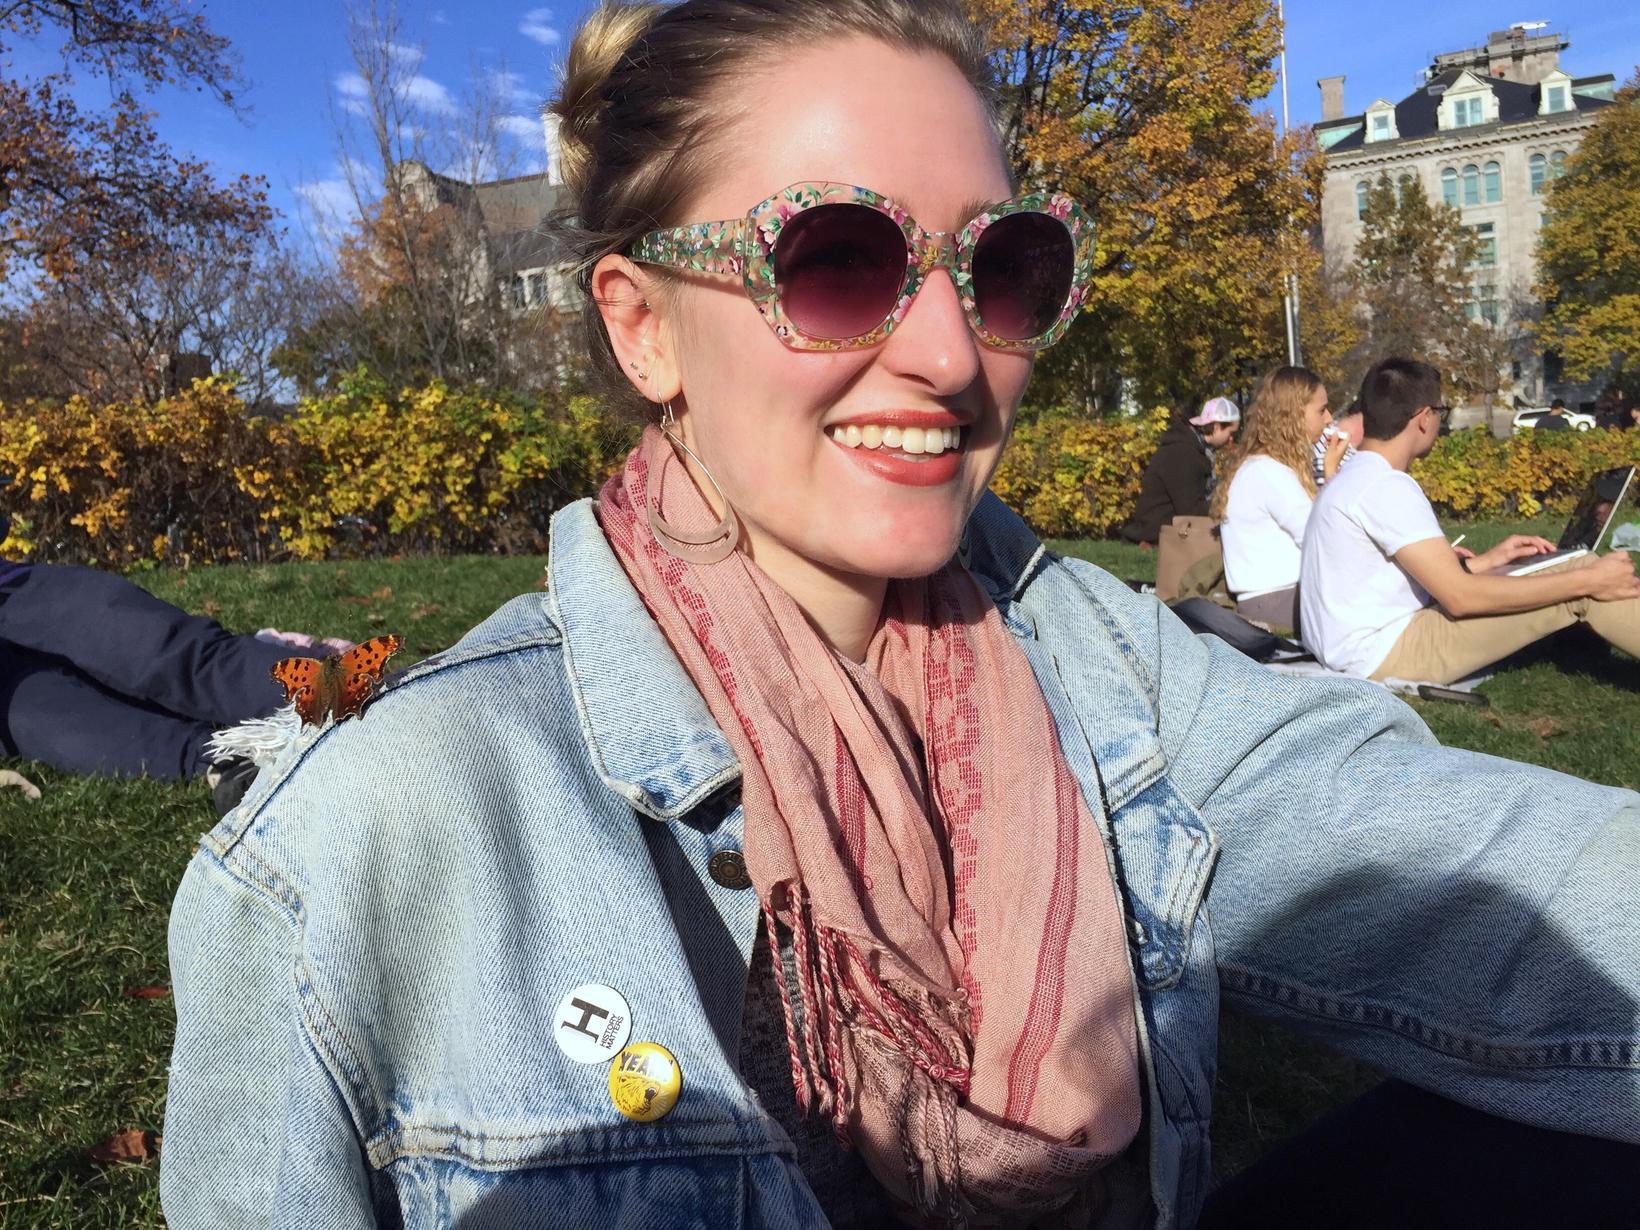 Madeleine from Melbourne, Victoria, Australia